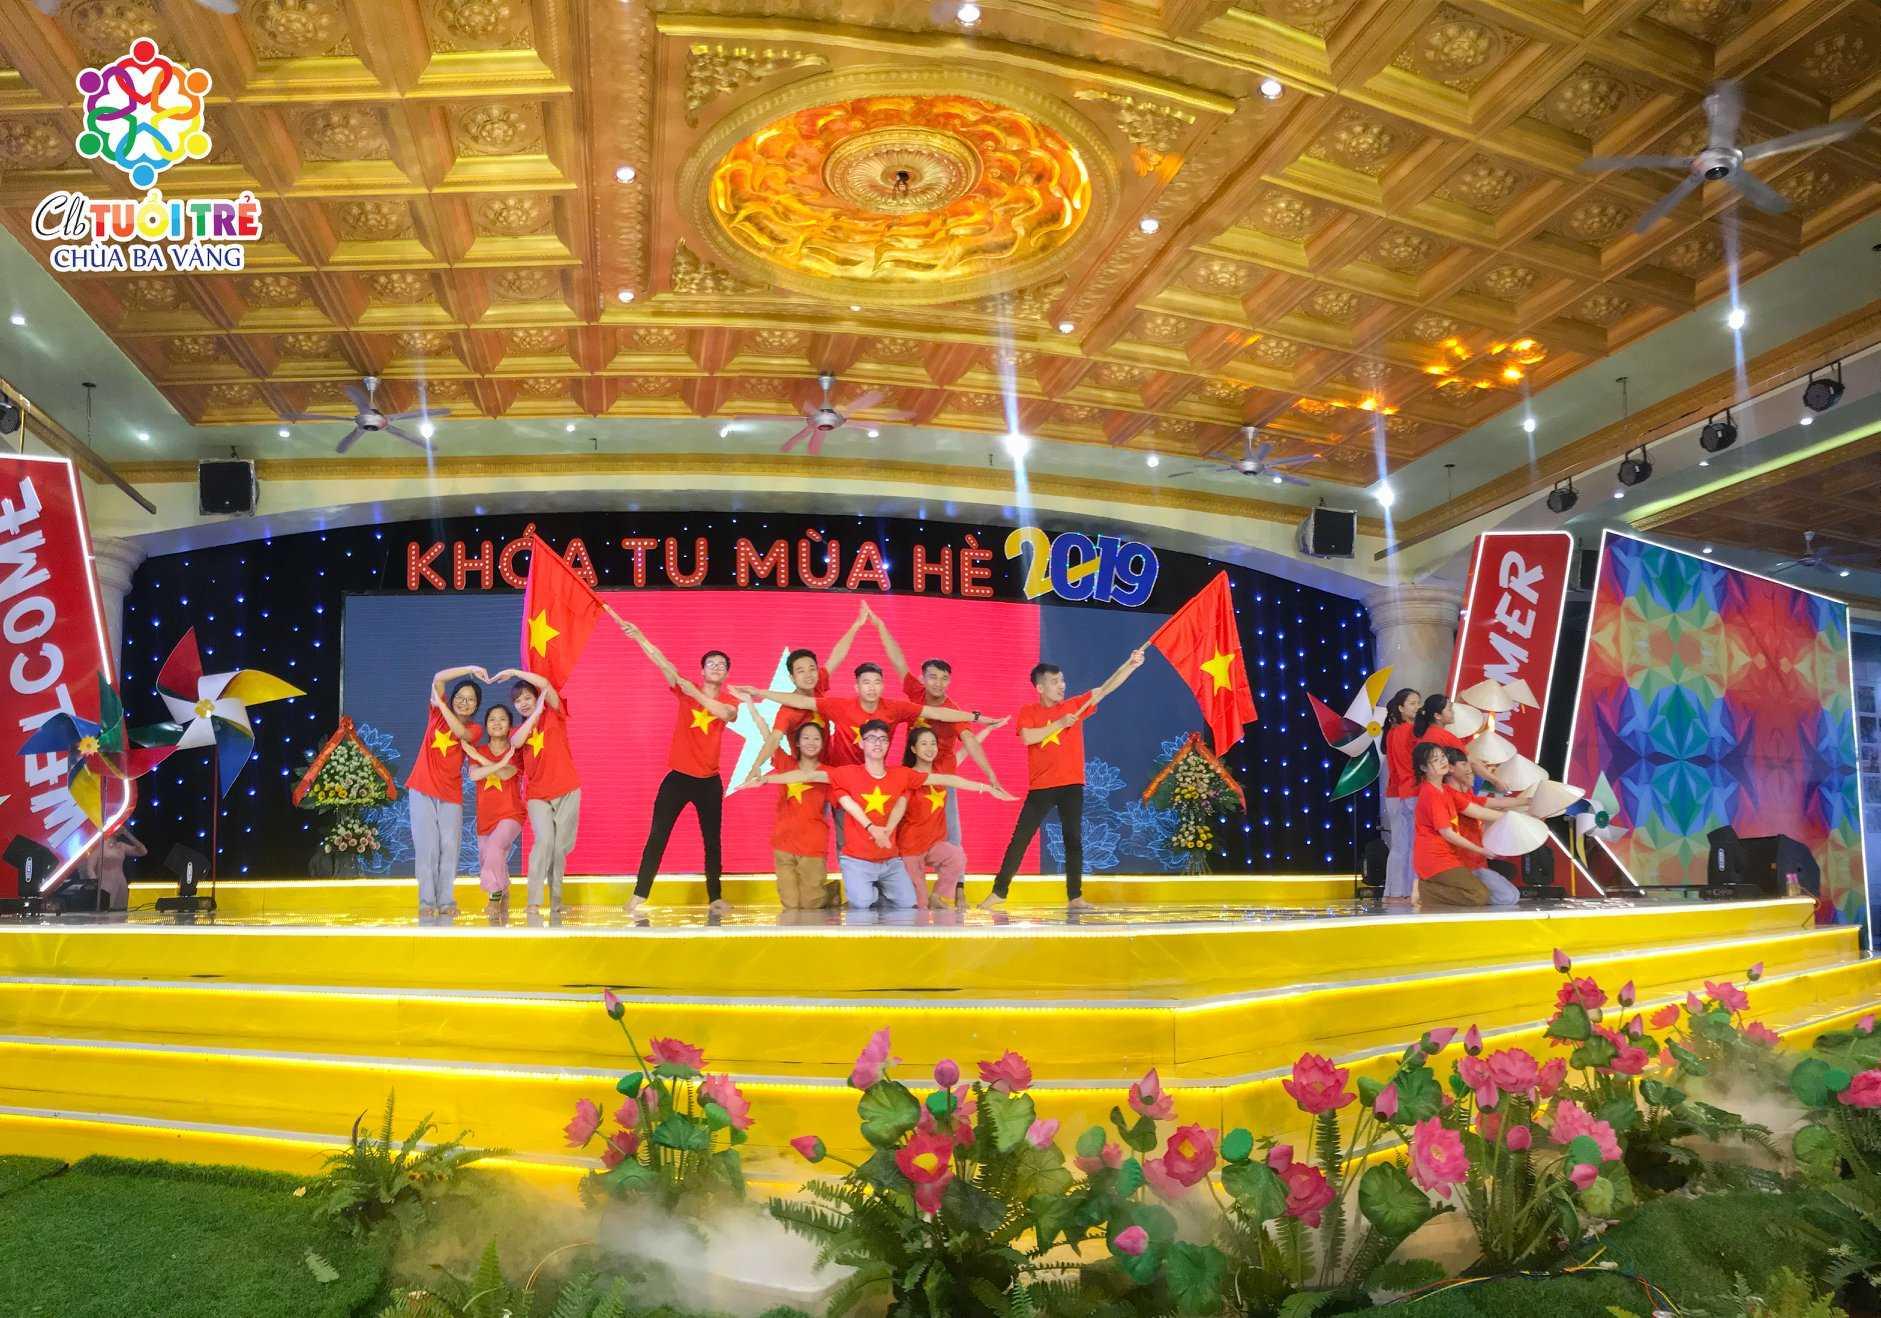 Bài nhảy của các bạn khóa sinh trong khóa tu mùa hè Chùa Ba Vàng.